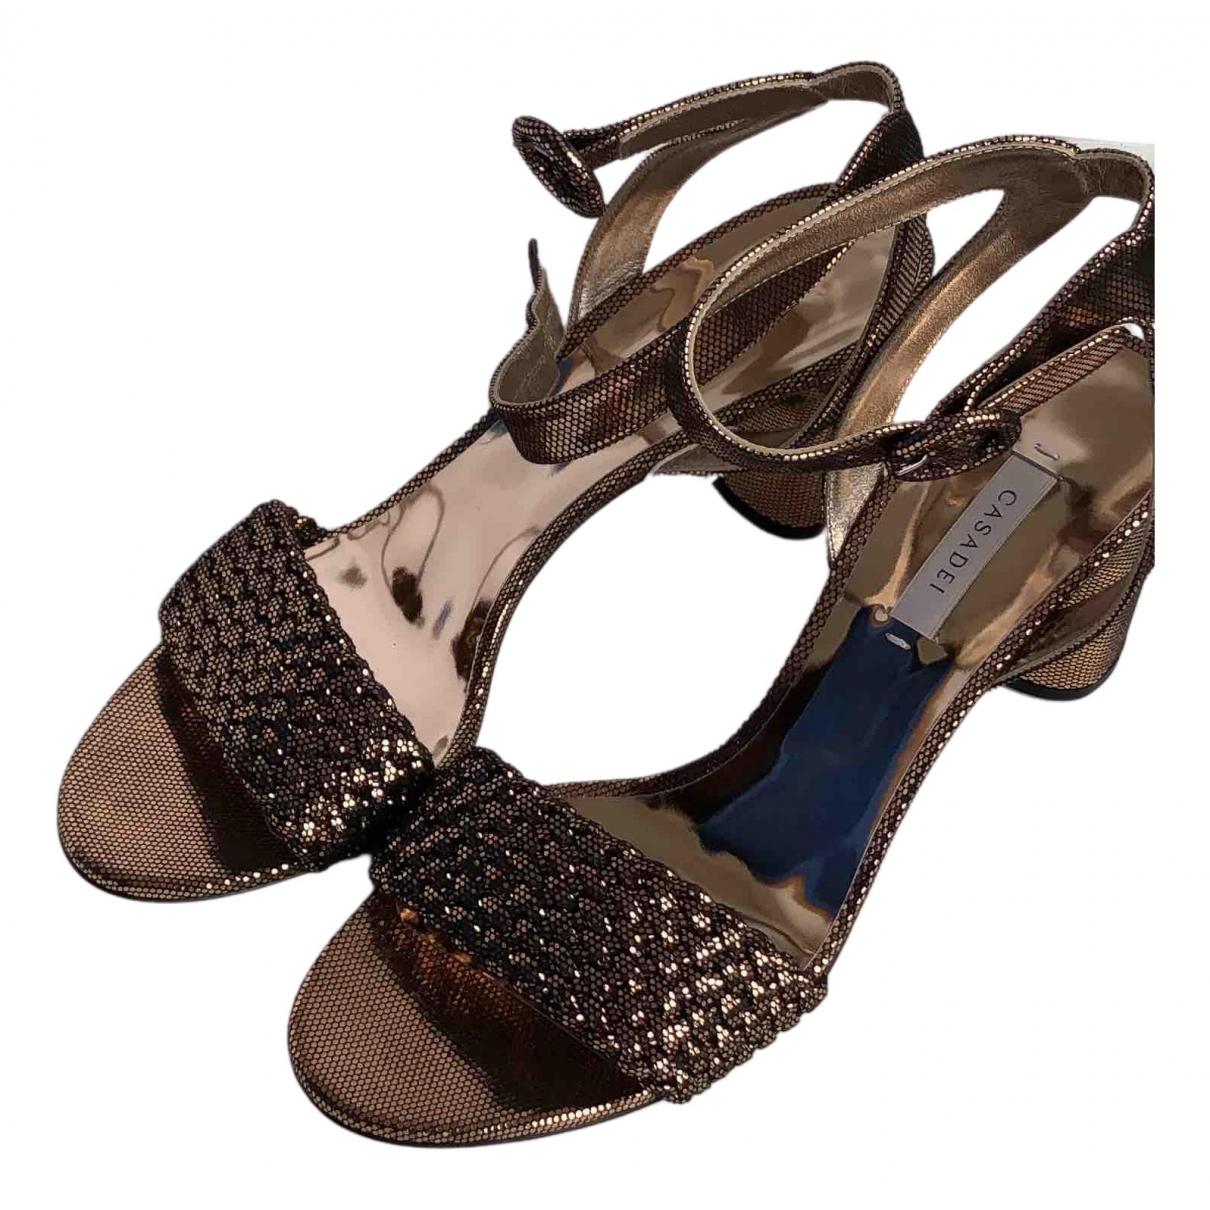 Sandalias de Con lentejuelas Casadei